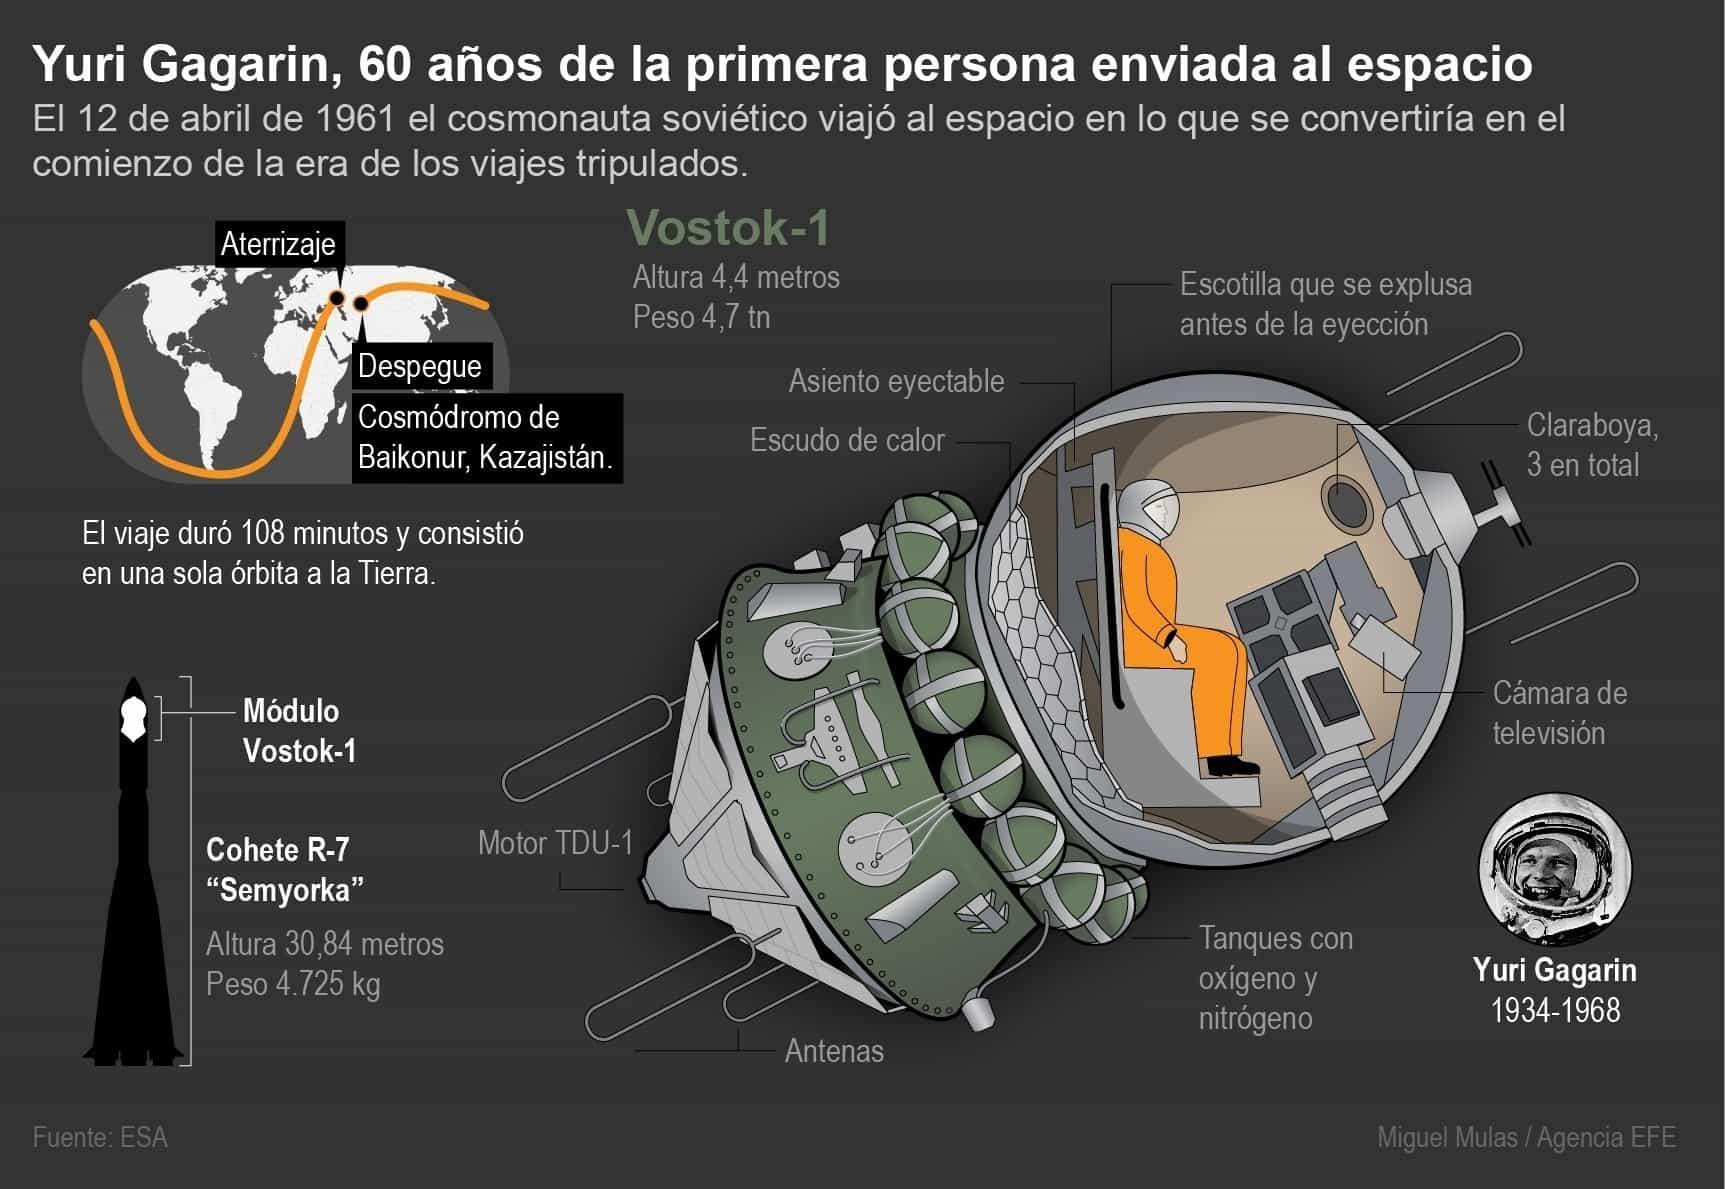 [Infografía] - Gagarin El hombre que hace 60 años salió al espacio 2